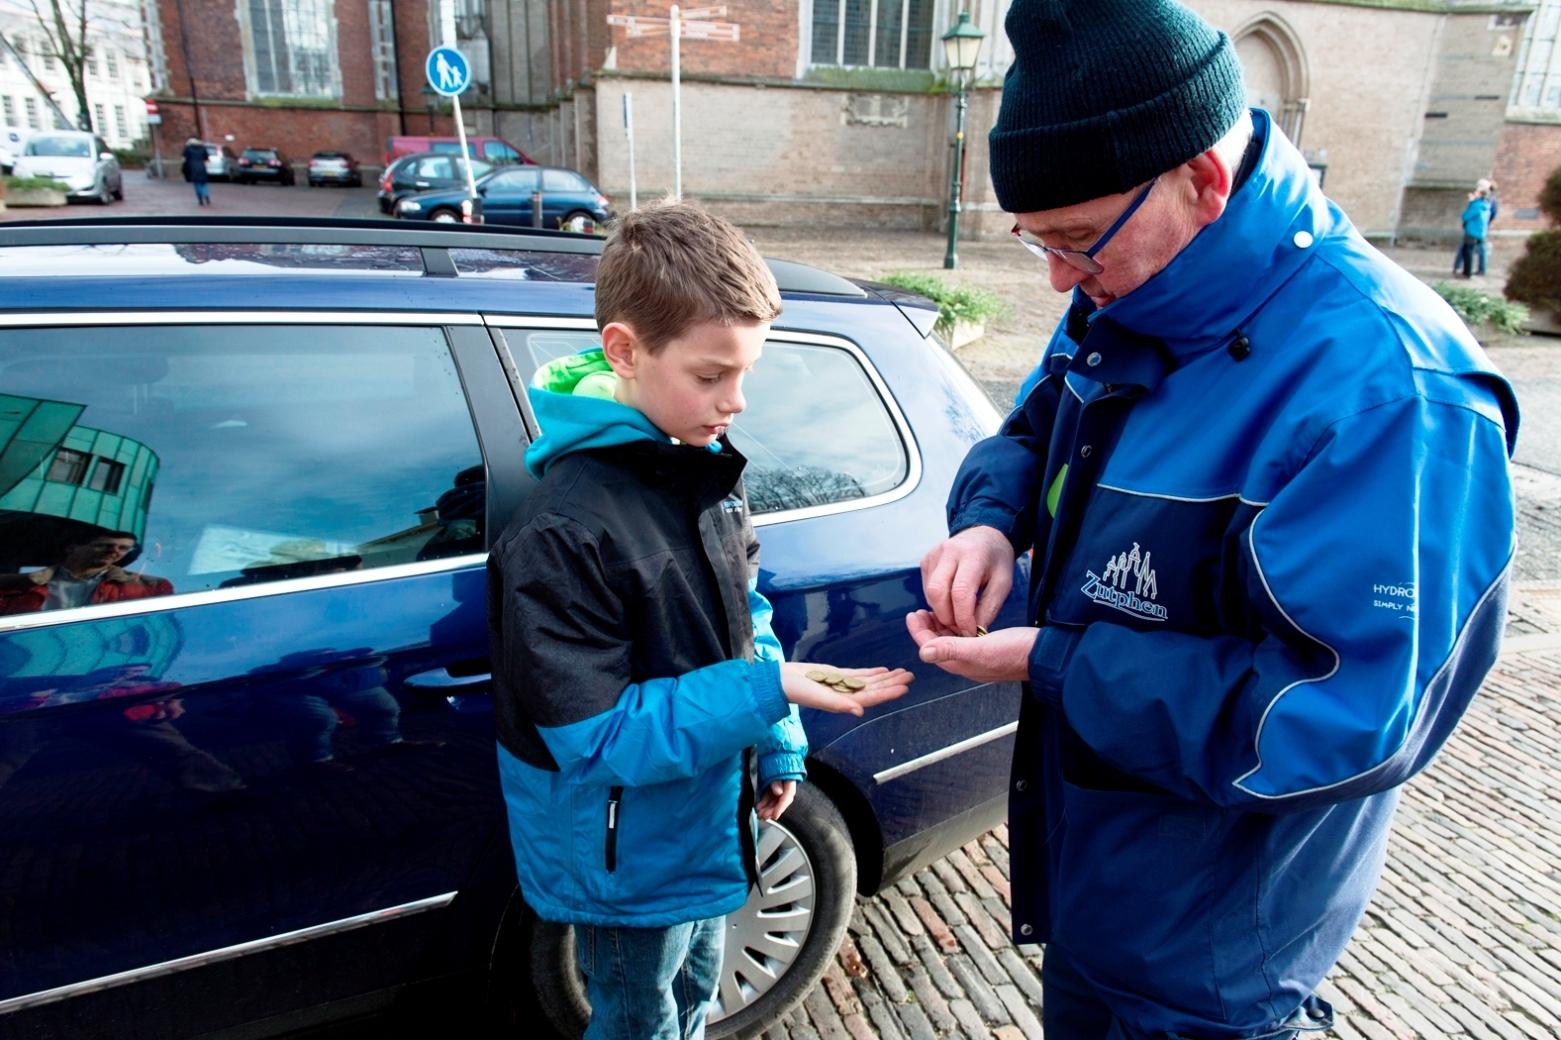 Jeugd maakt Zutphen vrij van vuurwerkafval